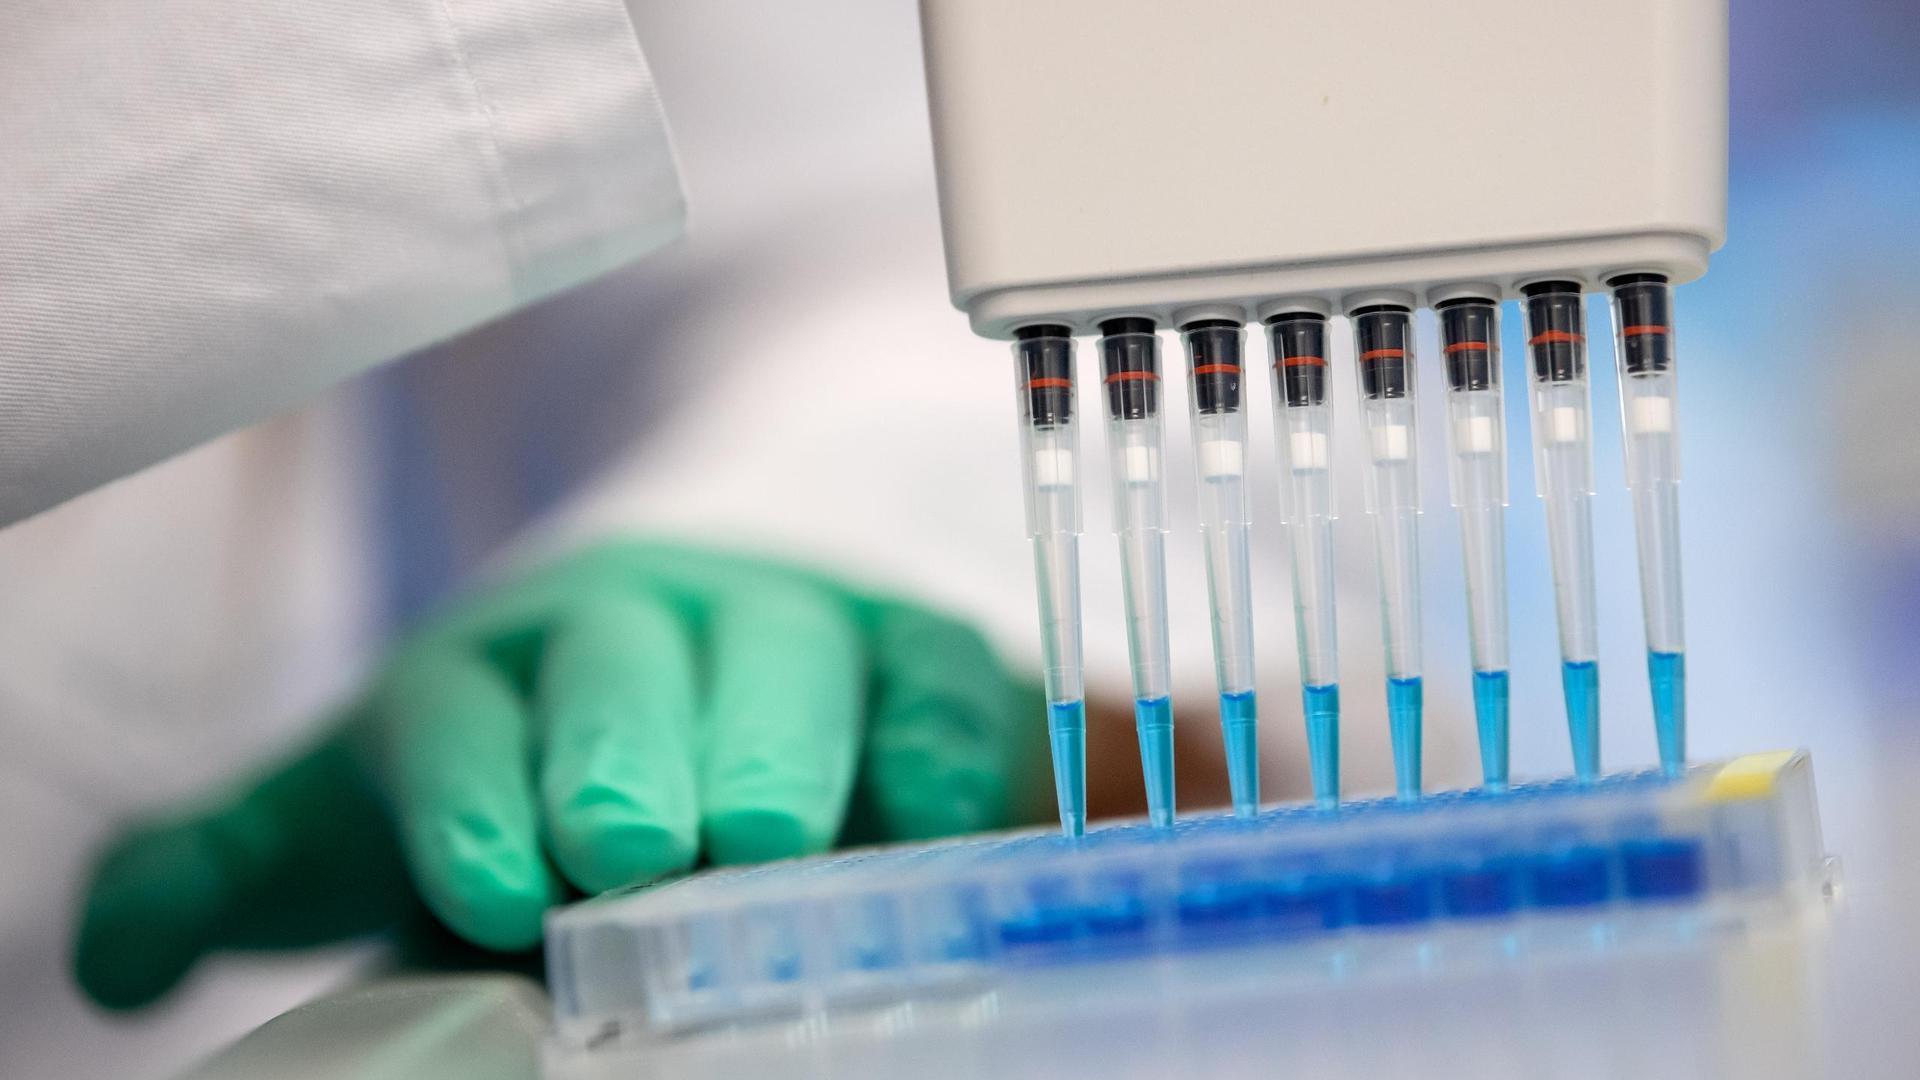 Mit Hochdruck arbeiten Forscher an einem Impfstoff. Doch absolute Klarheit, wann und wie die Coronakrise gelöst werden kann, können Experten derzeit nicht sorgen.